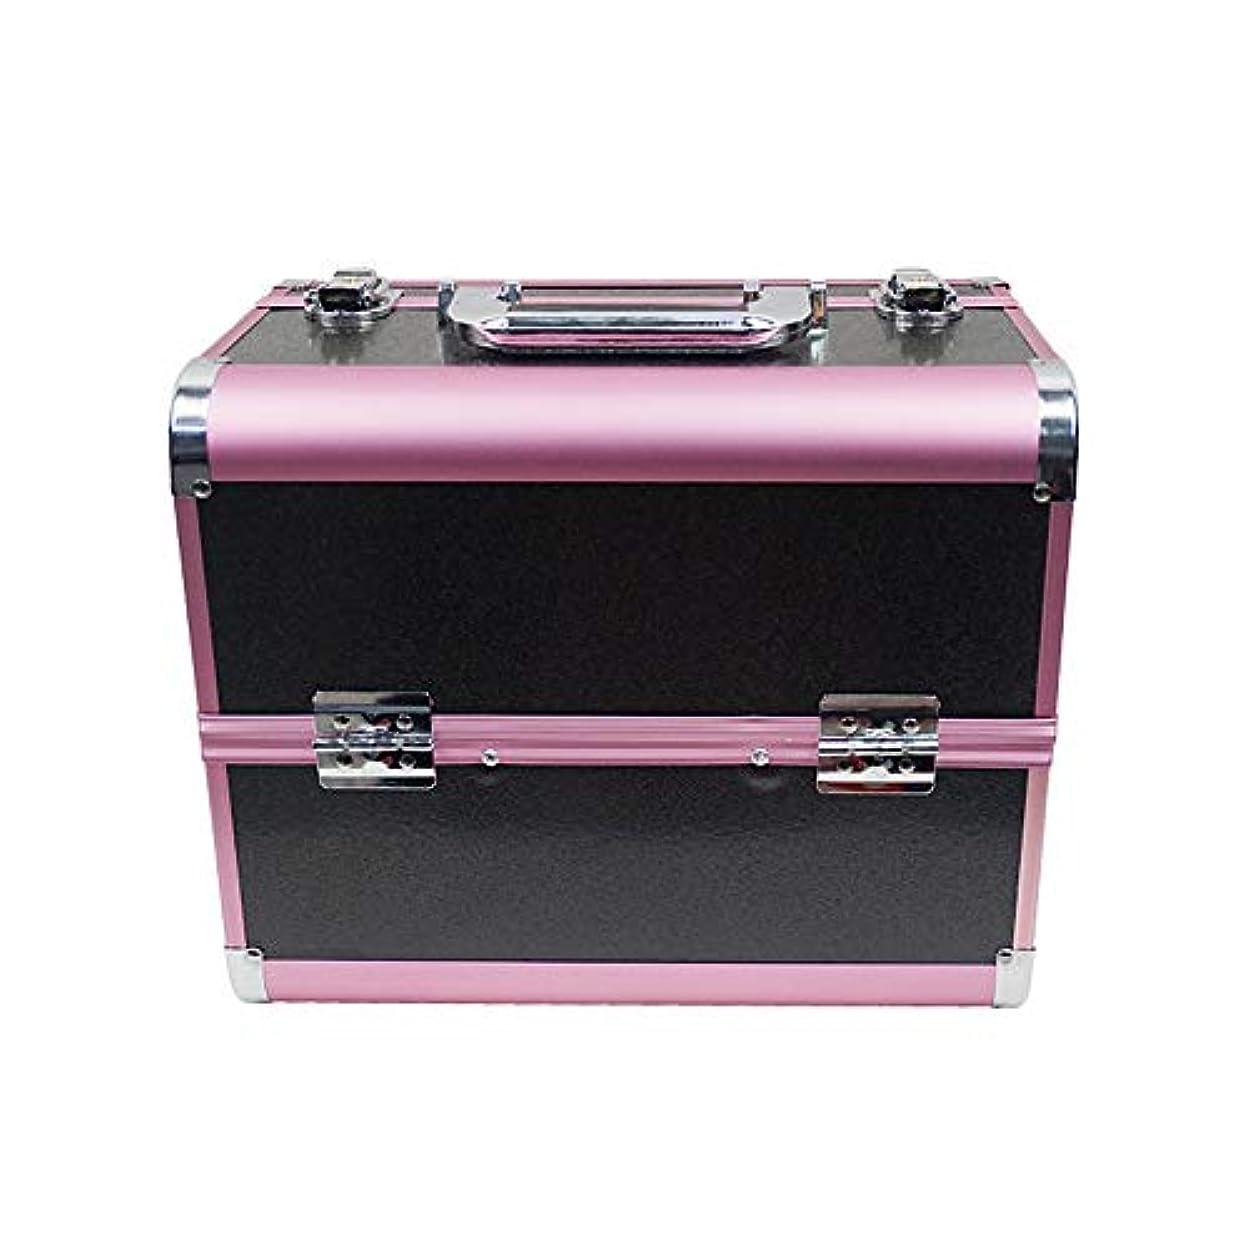 オーバーコート燃料消毒剤化粧オーガナイザーバッグ 大容量ポータブル化粧ケース(トラベルアクセサリー用)シャンプーボディウォッシュパーソナルアイテム収納トレイ 化粧品ケース